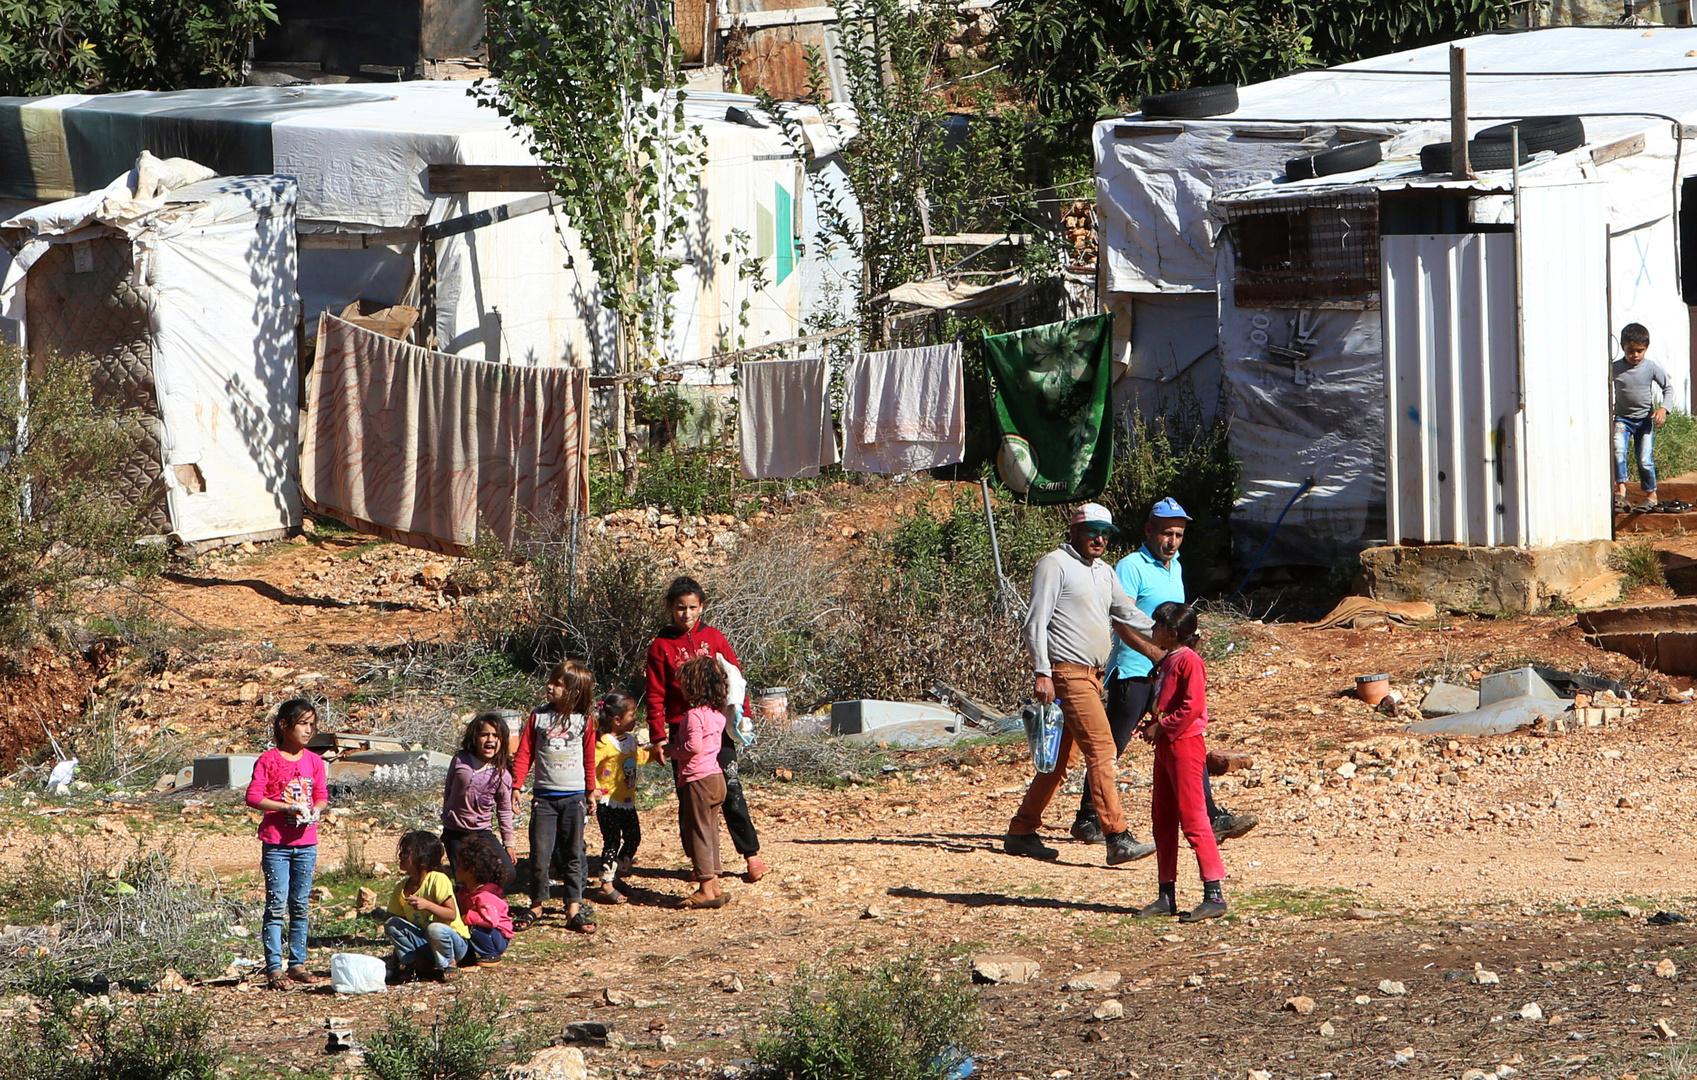 لبنان.. وفاة 4 نازحين سوريين من البرد على الحدود تفتح قضية تهريب البشر على مصراعيها